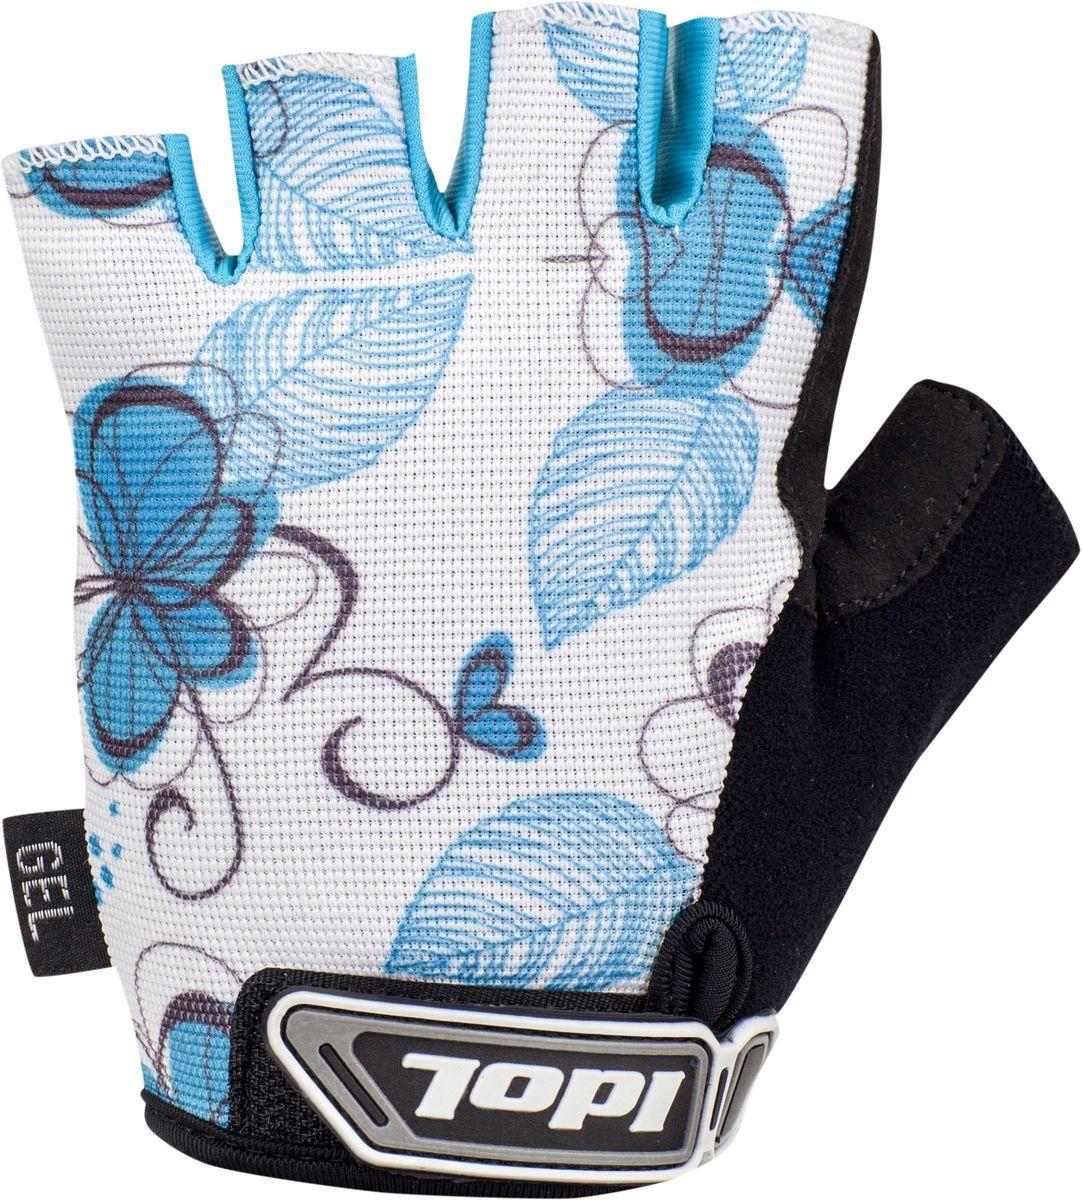 Перчатки велосипедные женские Idol Isel, цвет: белый, голубой. Размер MZ90 blackВелосипедные перчатки с открытыми пальцами Idol ISEL предназначены для велоспорта, велотуризма, велосипедных прогулок. Верх выполнен из высококачественного эластичного материала 4-way stretch, который отличается повышенной воздухопроницаемостью. Ладонь изготовлена из синтетической кожи Amara и дополнена гелевой вставкой для большего комфорта. Большой палец перчатки отделан влагоотводящим материалом. На запястьях перчатки фиксируются прочными липучками. Для удобства снятия каждая перчатка оснащена двумя небольшими петельками.Высокое качество, технически совершенные материалы, оригинальный стильный дизайн, функциональность и долговечность выделяют велоперчатки Idol среди прочих.